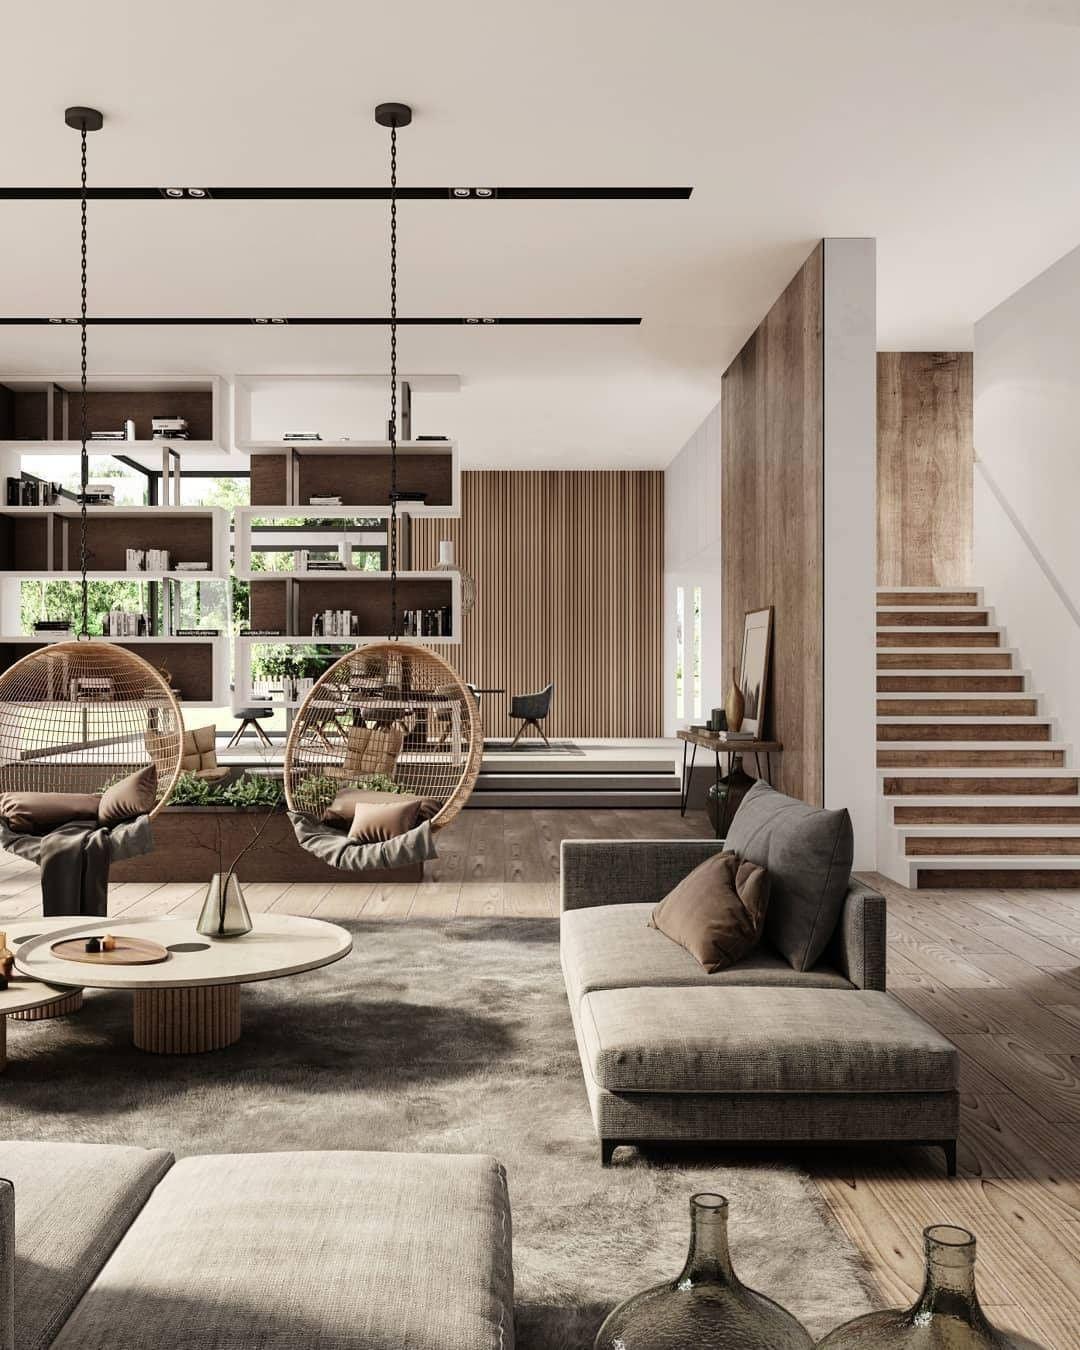 Interior Design Trends 2021 Luxury Minimal Design Is Here To Stay In 2021 Interior Design Minimalism Interior Interior Design Trends